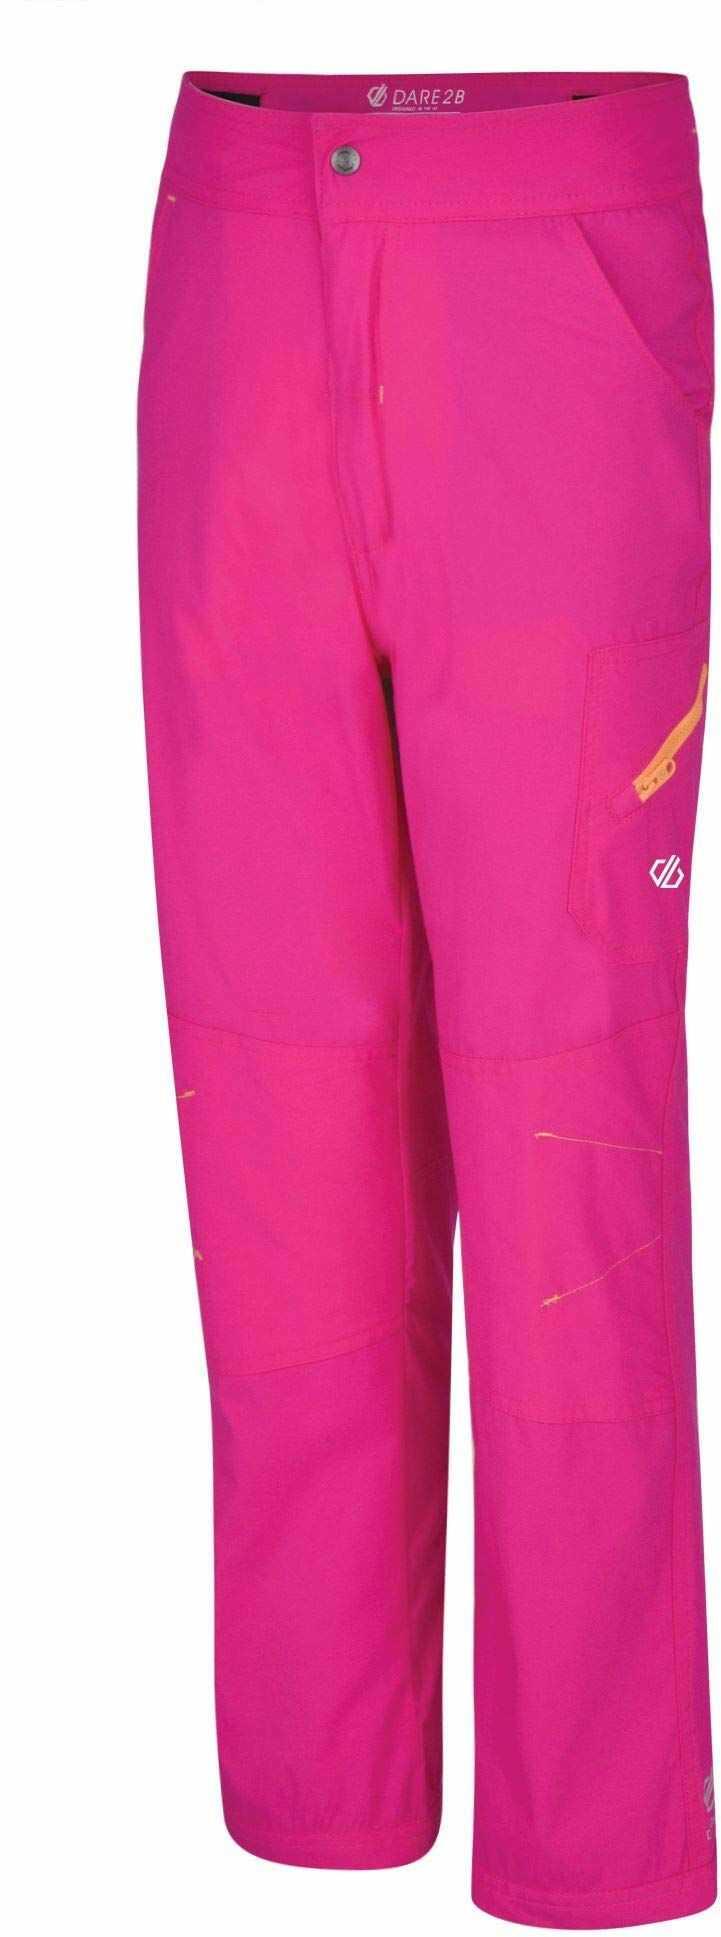 Dare2b Kids Reprise lekkie wodoodporne szybkoschnące spodnie, cyber różowy, rozmiar 3-4